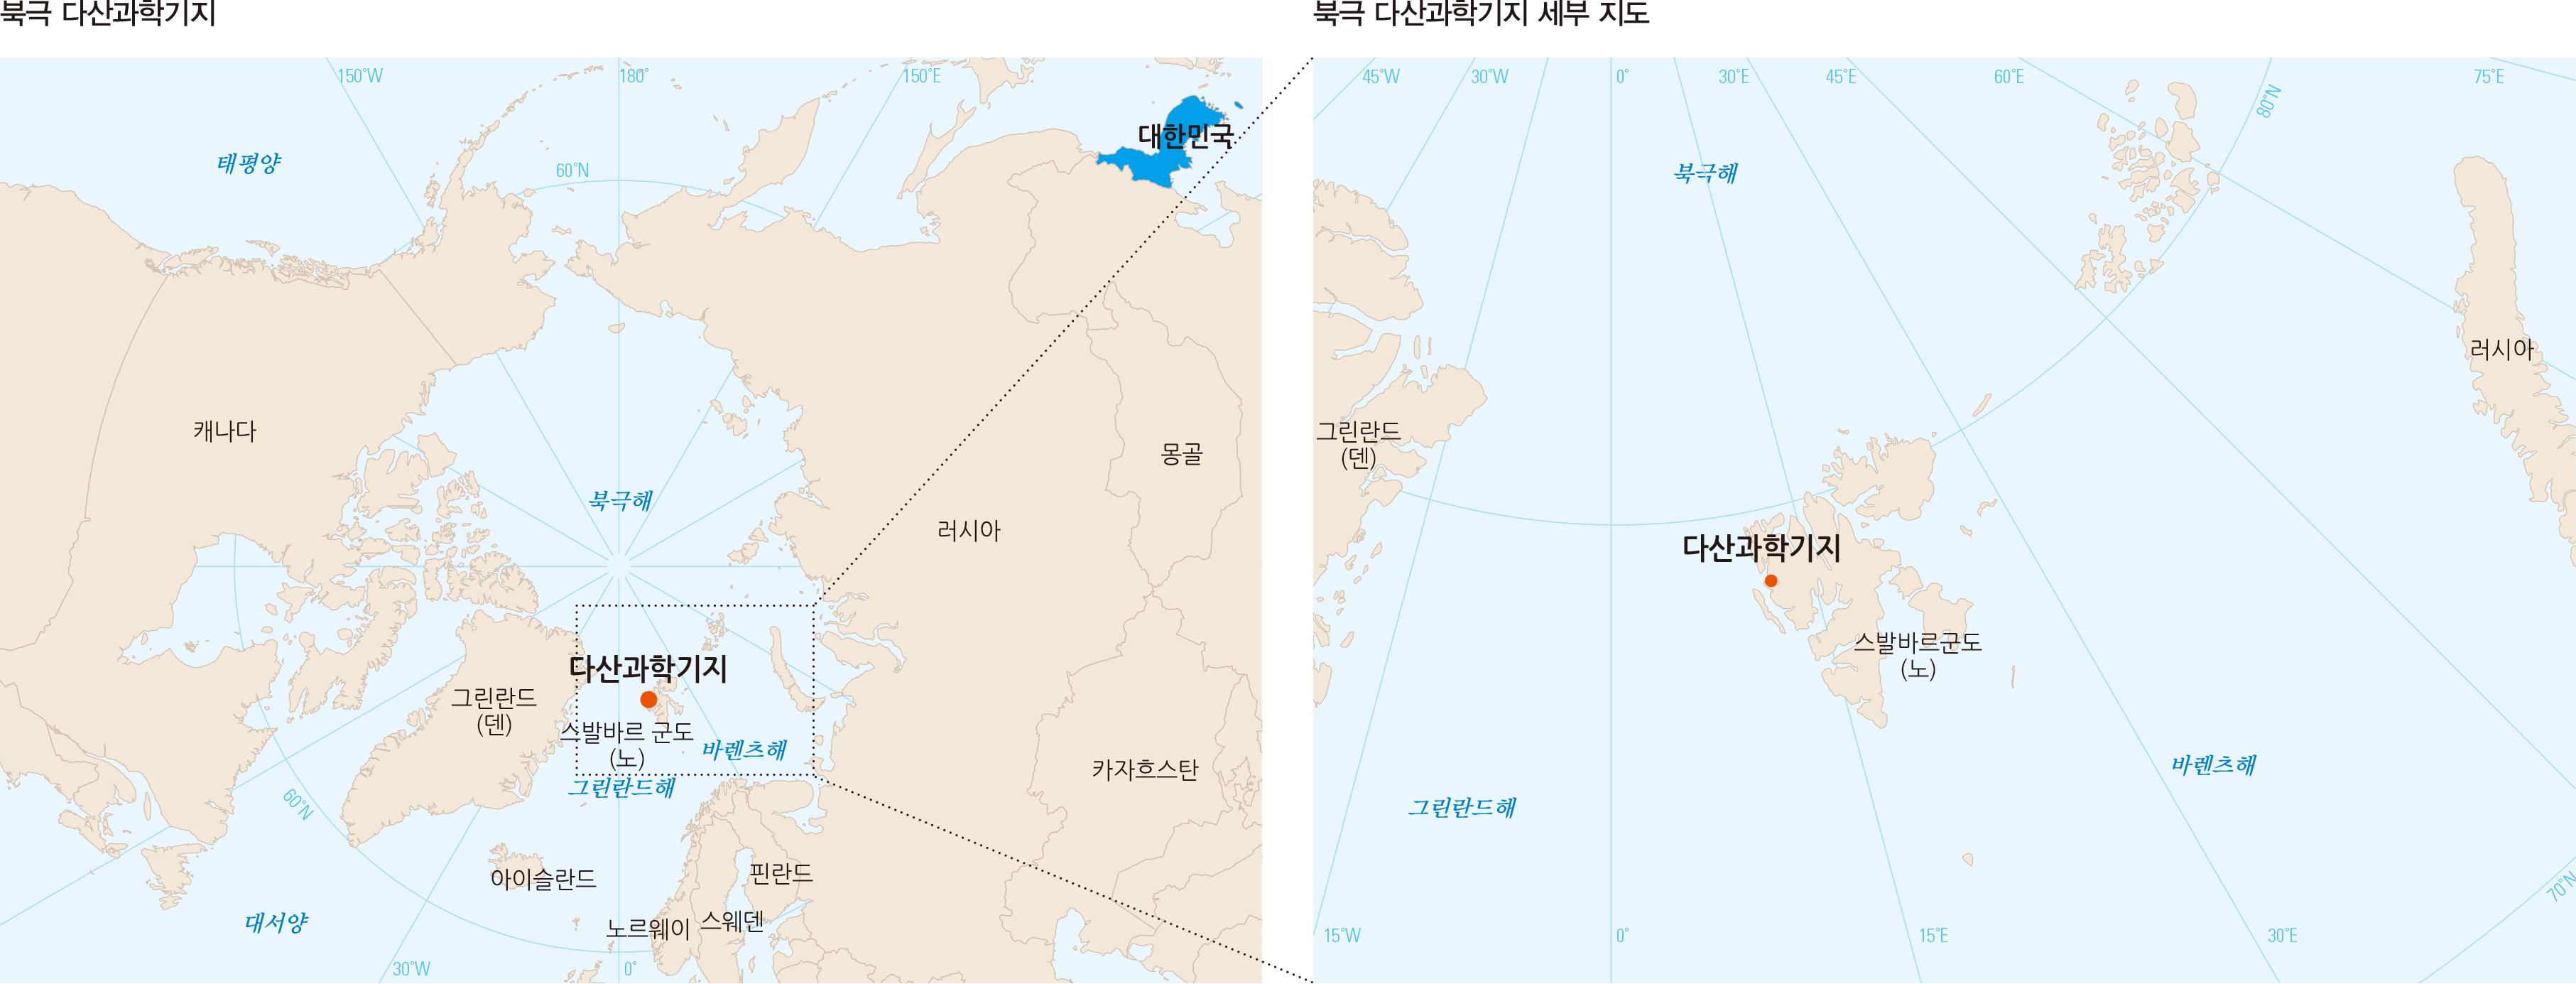 북극 다산과학기지 / 북극 다산과학기지 세부 지도